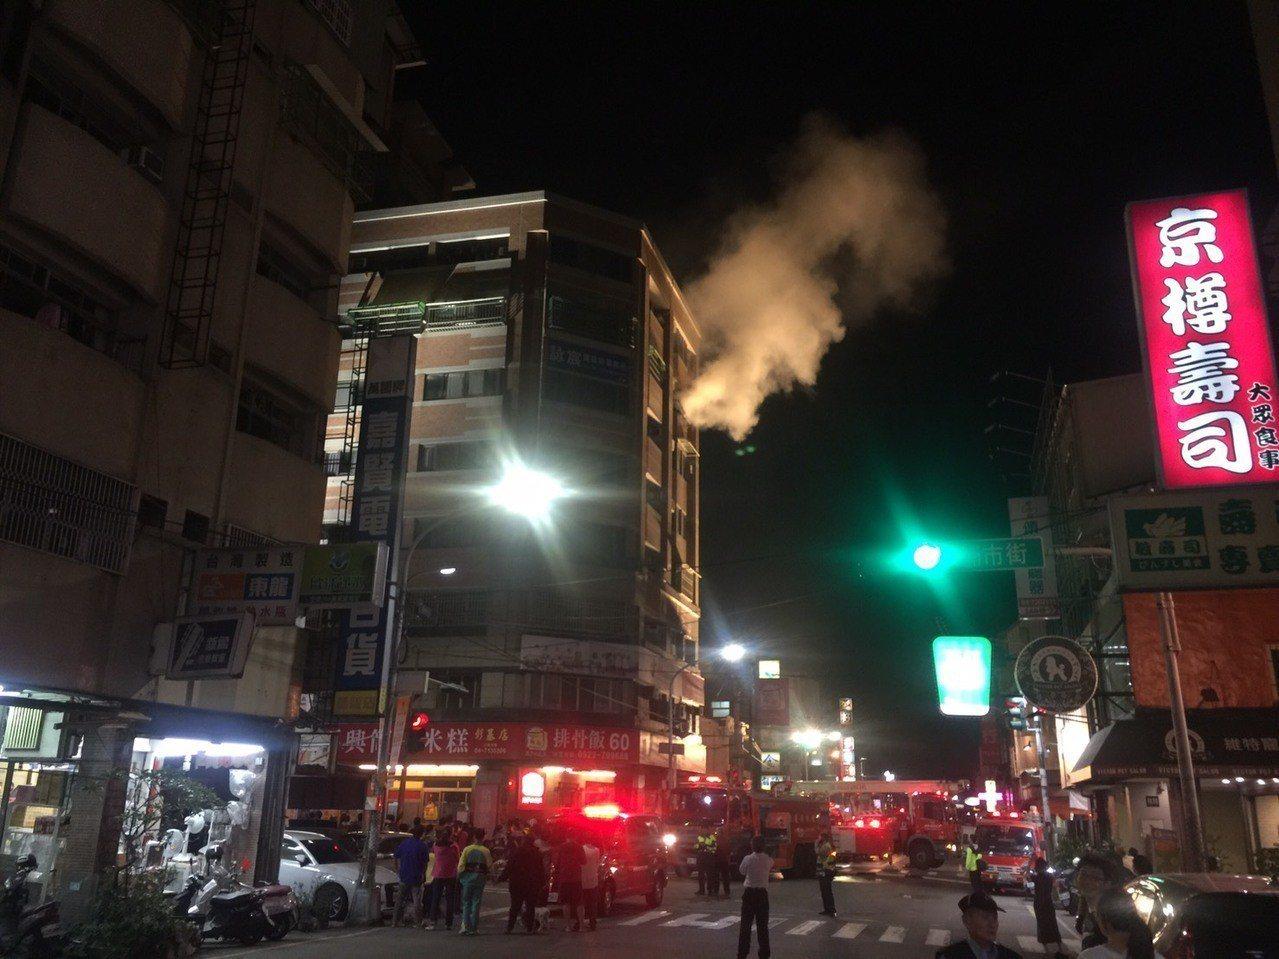 彰化市中興路晚間發生集合式住宅火警。記者劉明岩/攝影